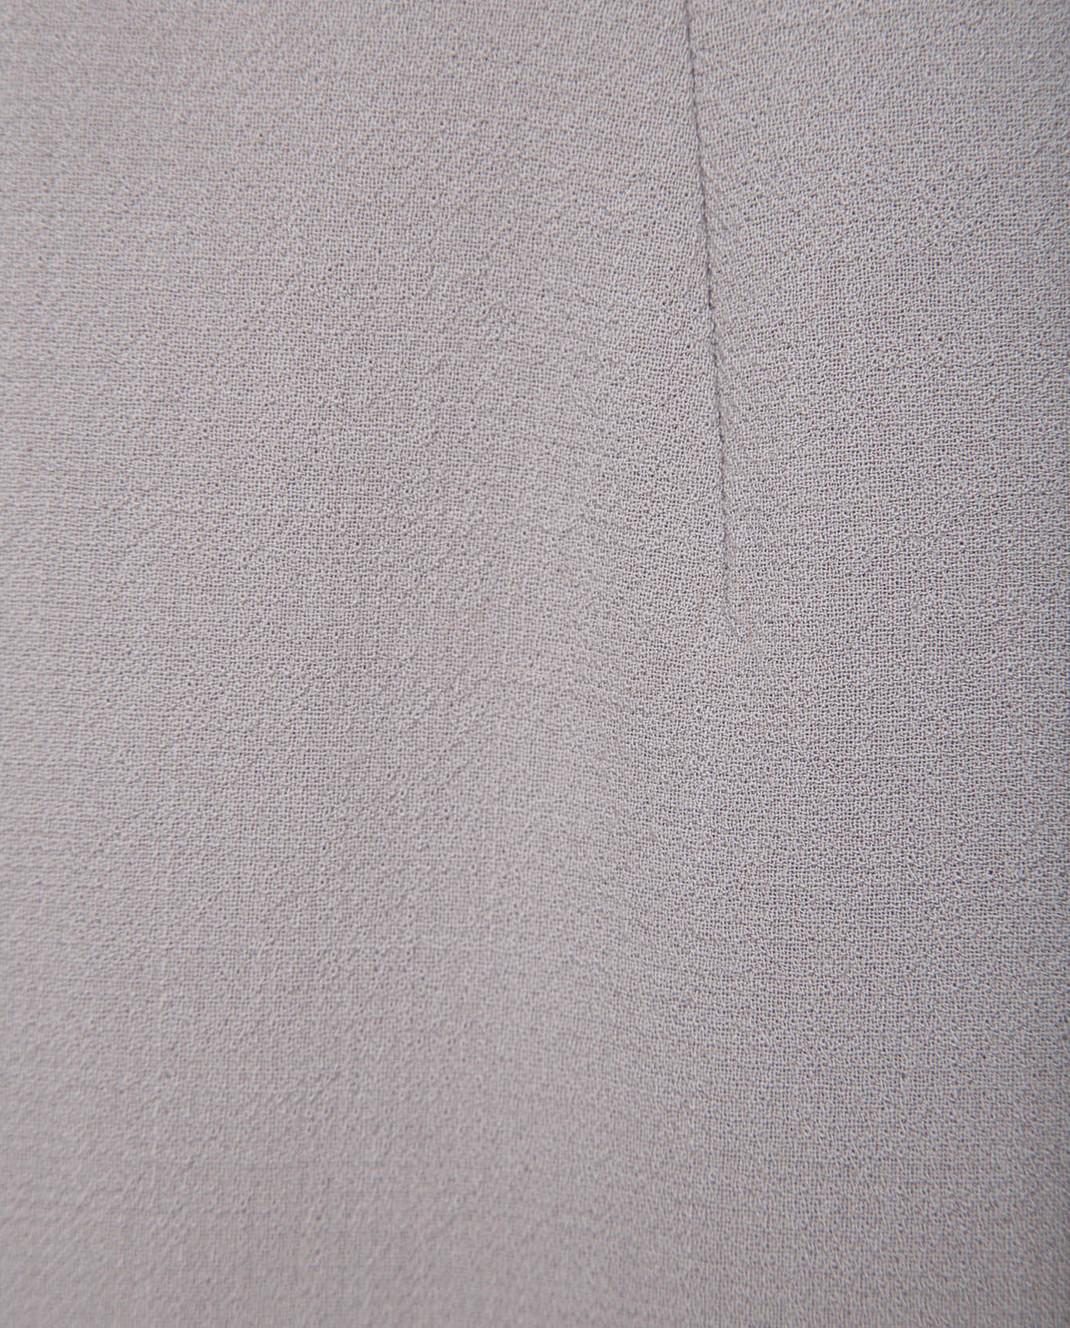 NINA RICCI Серая юбка 18PCJU005WV0230 изображение 5